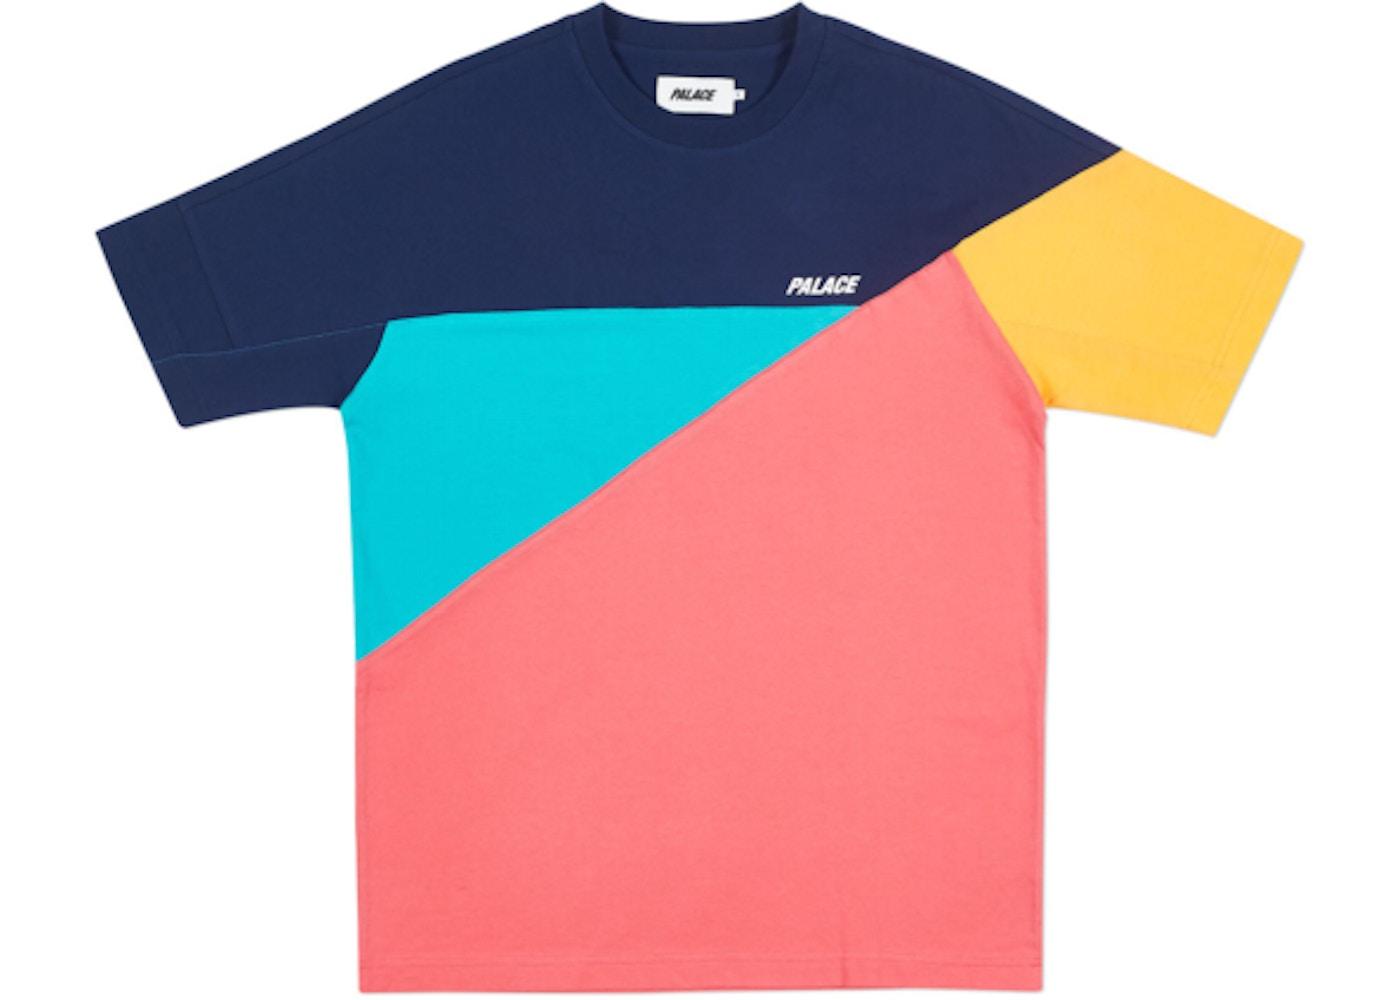 ec321d080c7a Palace Skateboards T Shirt Sale